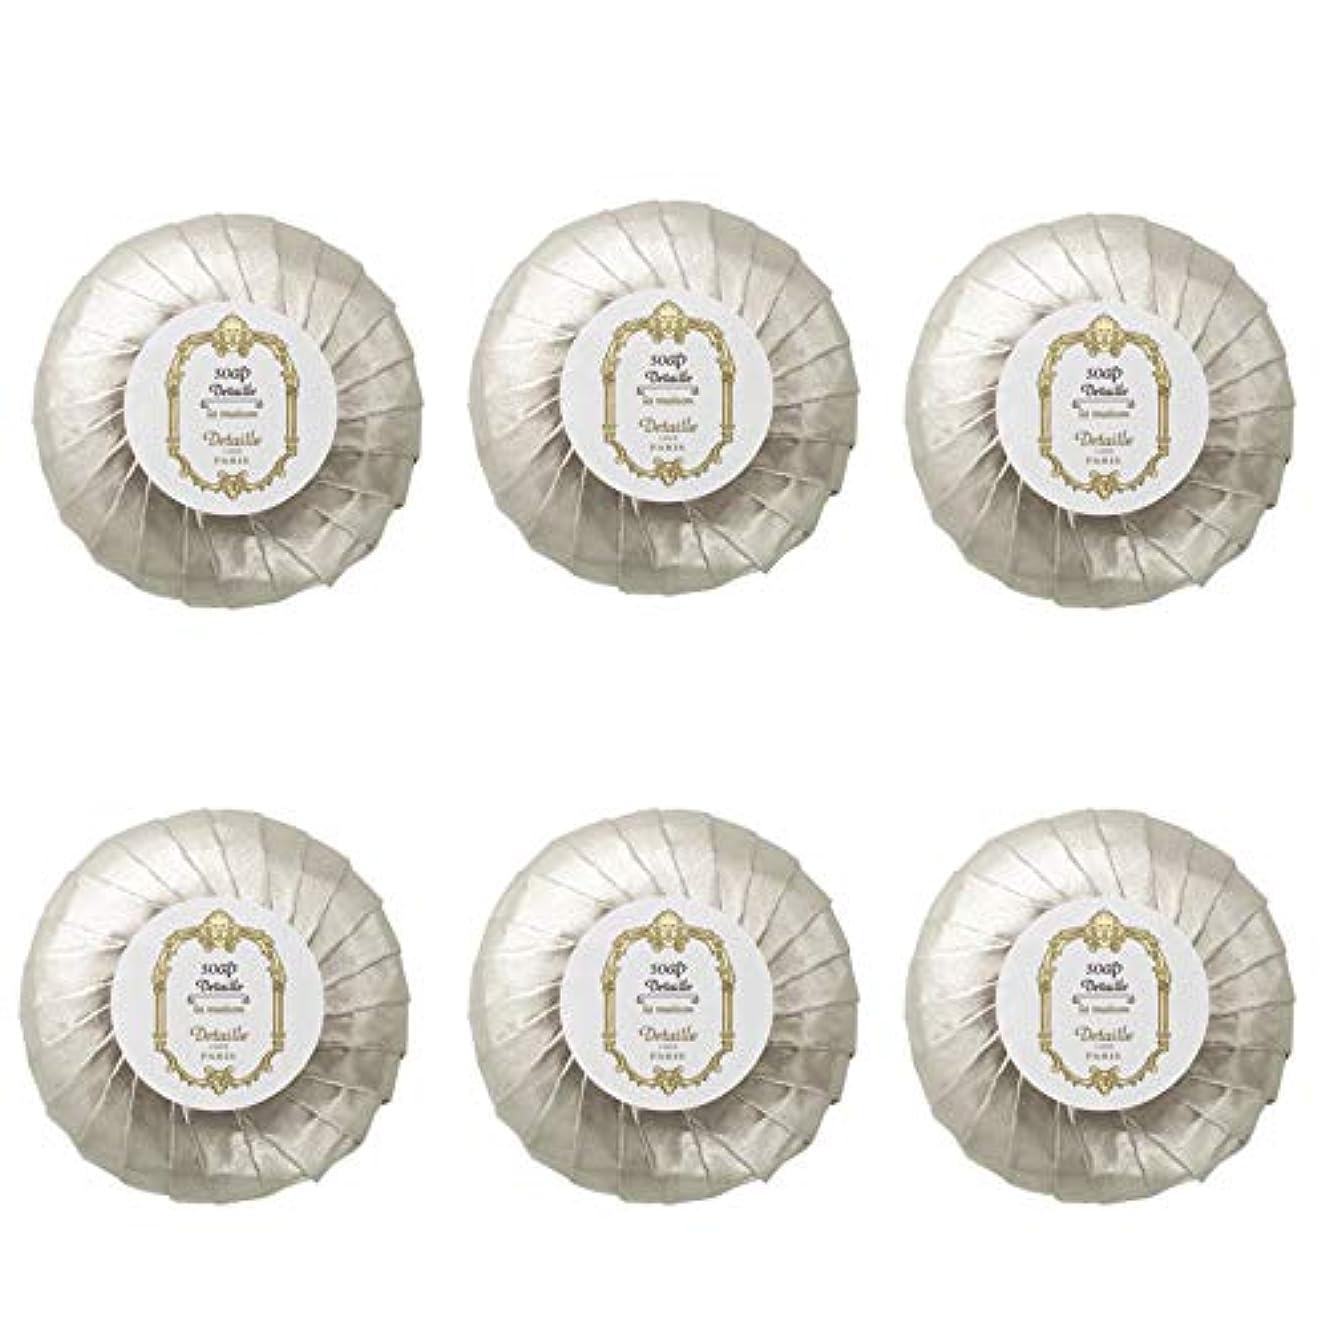 突然不当ますますPOLA デタイユ ラ メゾン スキンソープ 固形石鹸 (プリーツ包装) 50g×6個